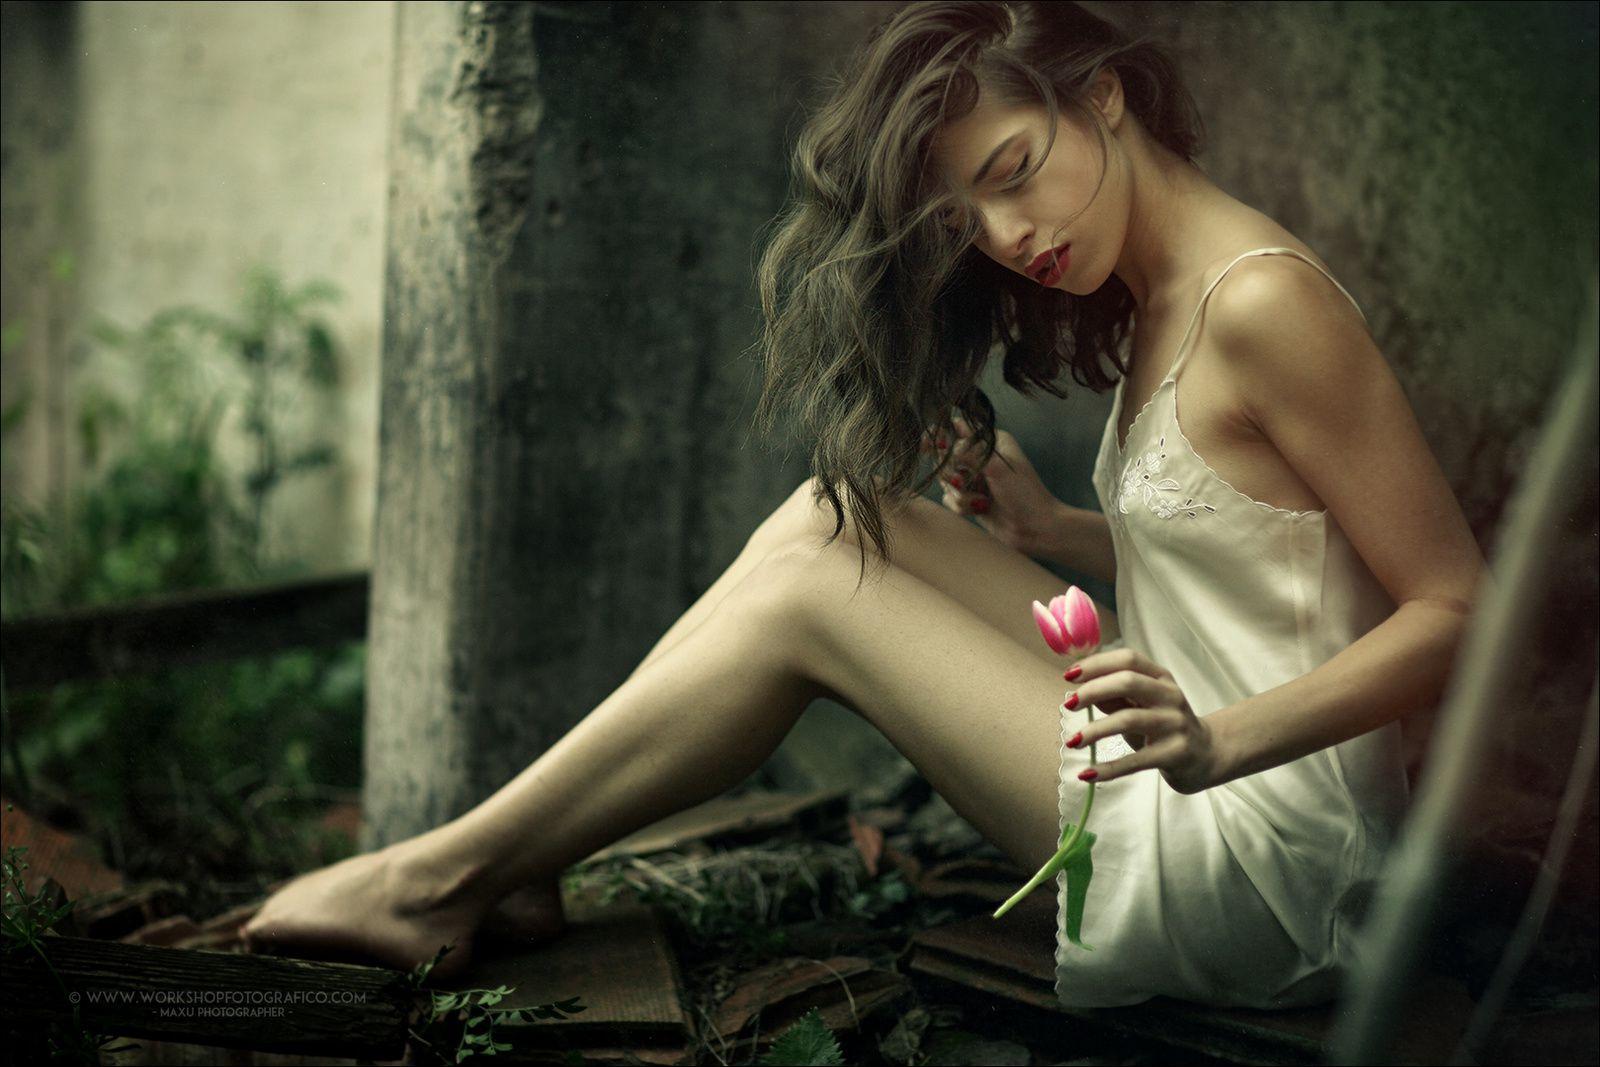 &quot&#x3B;La beauté d'une femme est l'aspect éclatant de la lumière de Dieu. &quot&#x3B; — Proverbes persans